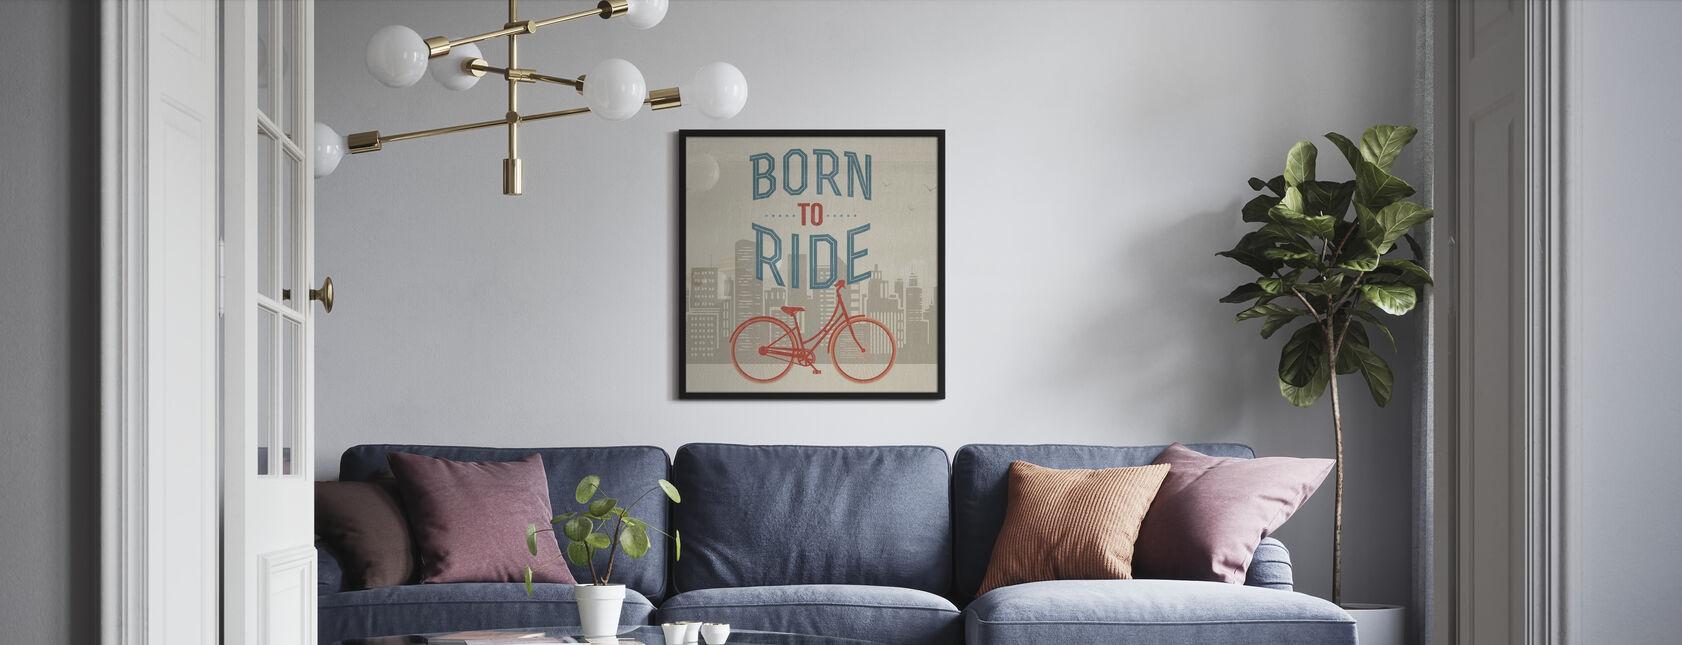 Syntynyt ratsastaa - Juliste - Olohuone